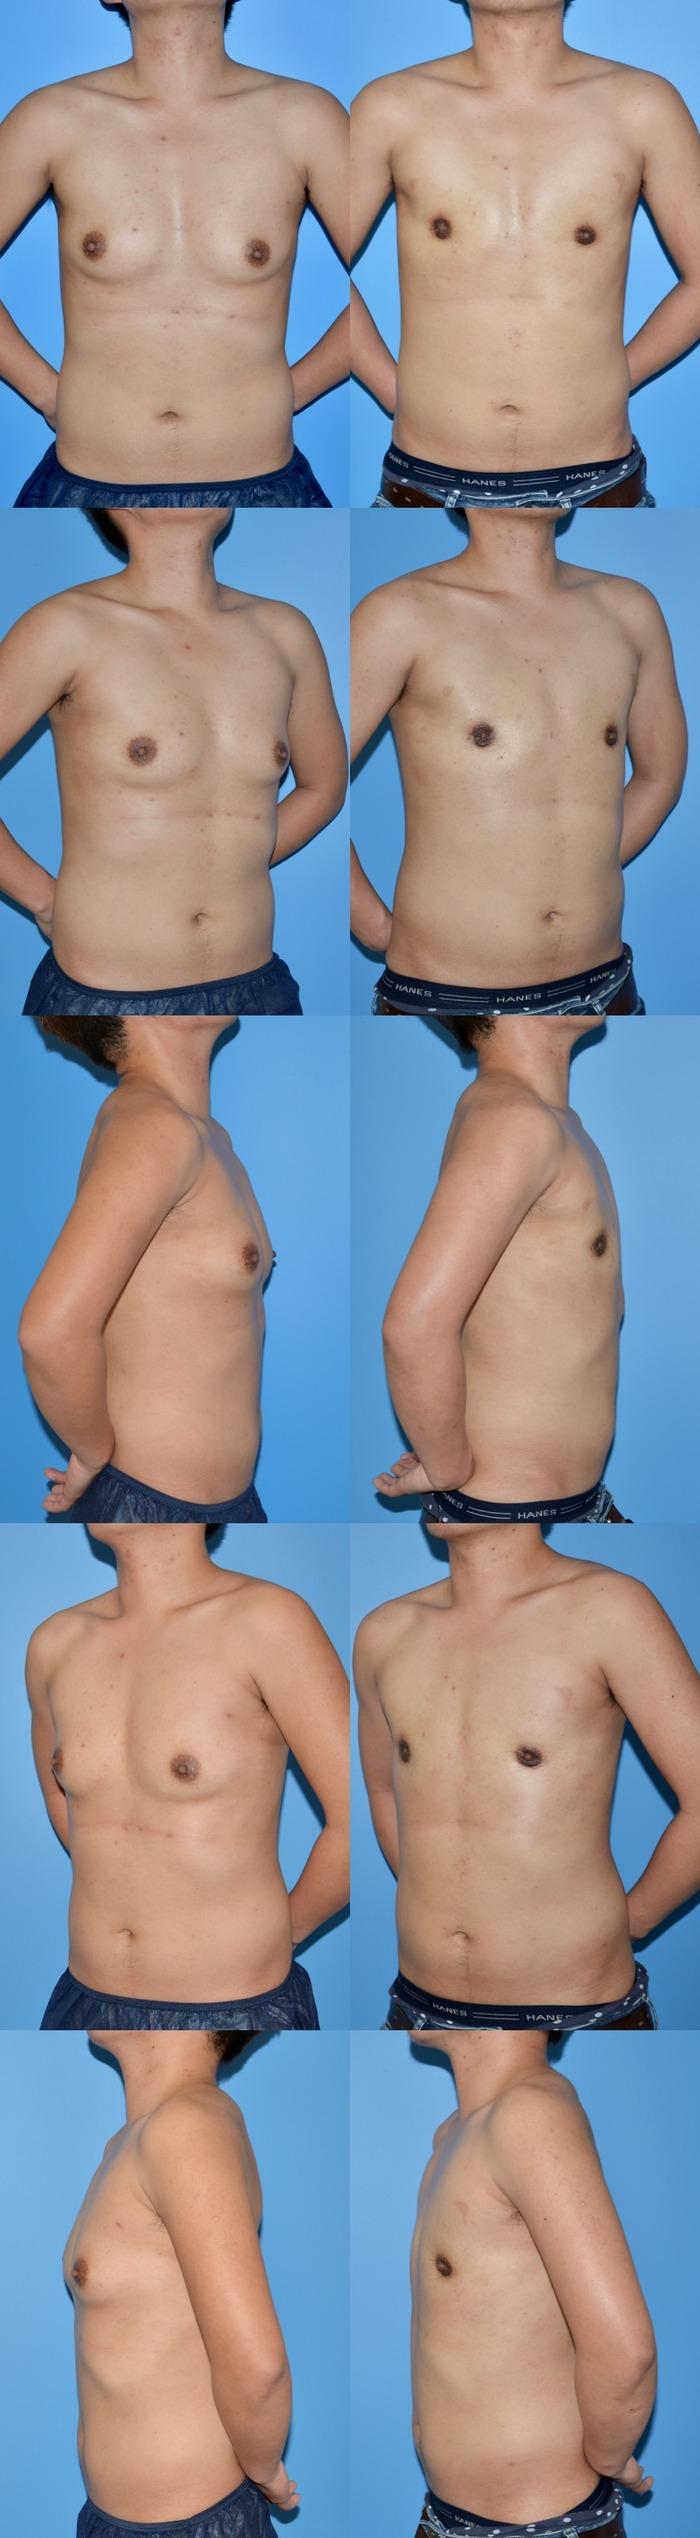 乳腺切除術ns 術後1ヶ月